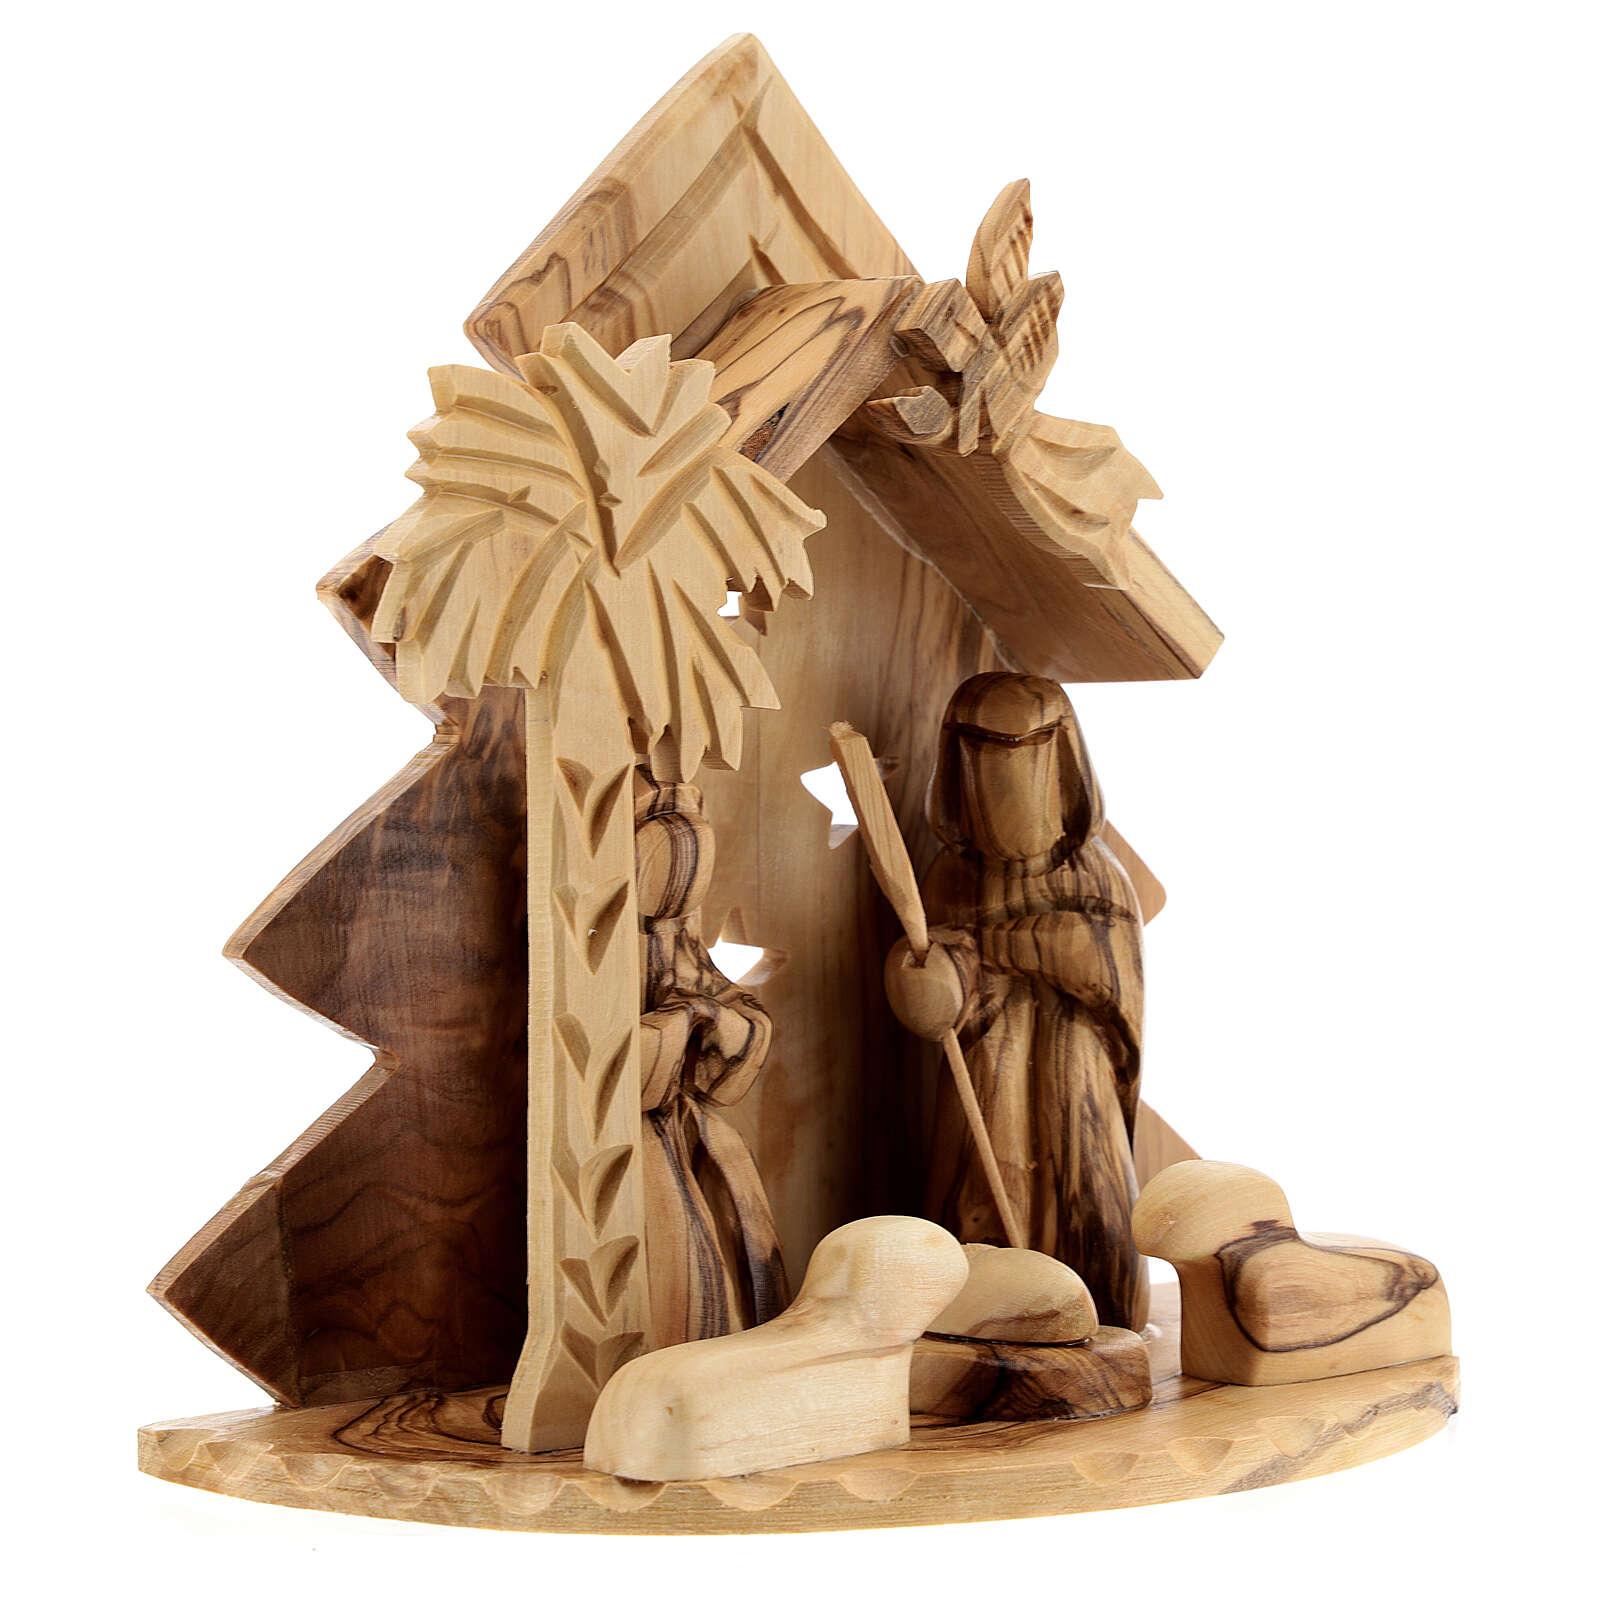 Krippenhütte aus Olivenholz Stil Bethlehem, 15x15x10 cm 4